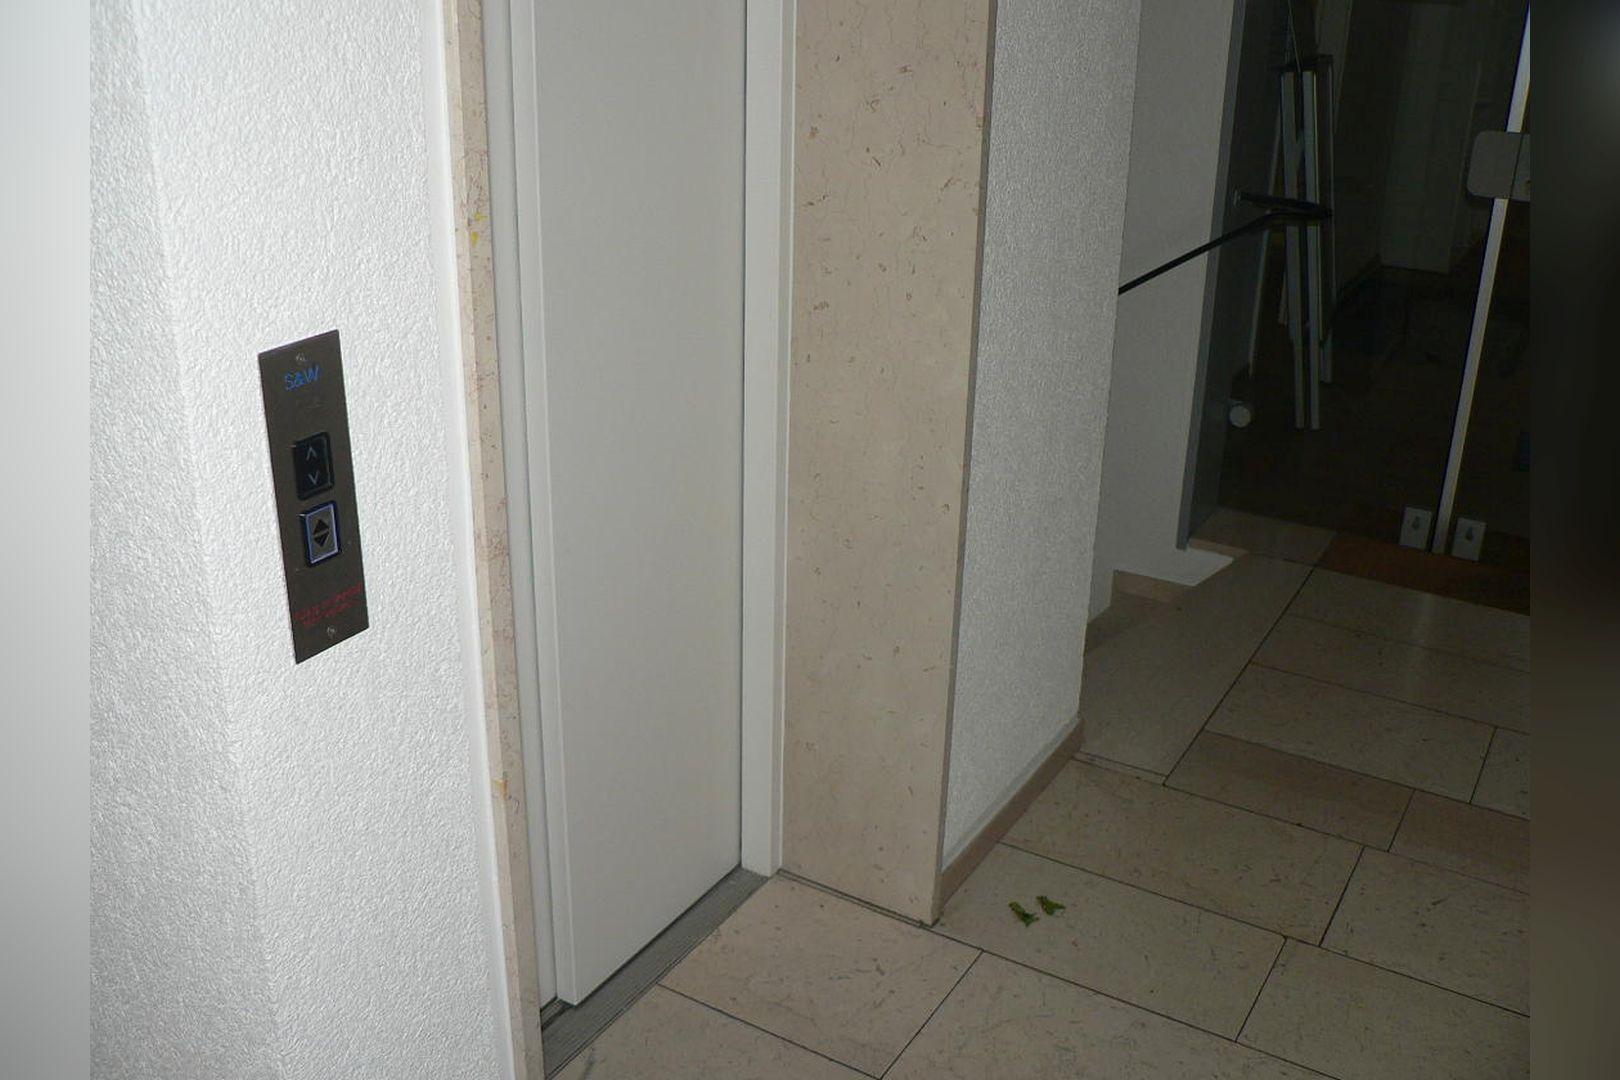 Immobilie Nr.0234 - 1 - Raum - Bürofläche mit Aktenkeller und Balkon - Bild 12.jpg